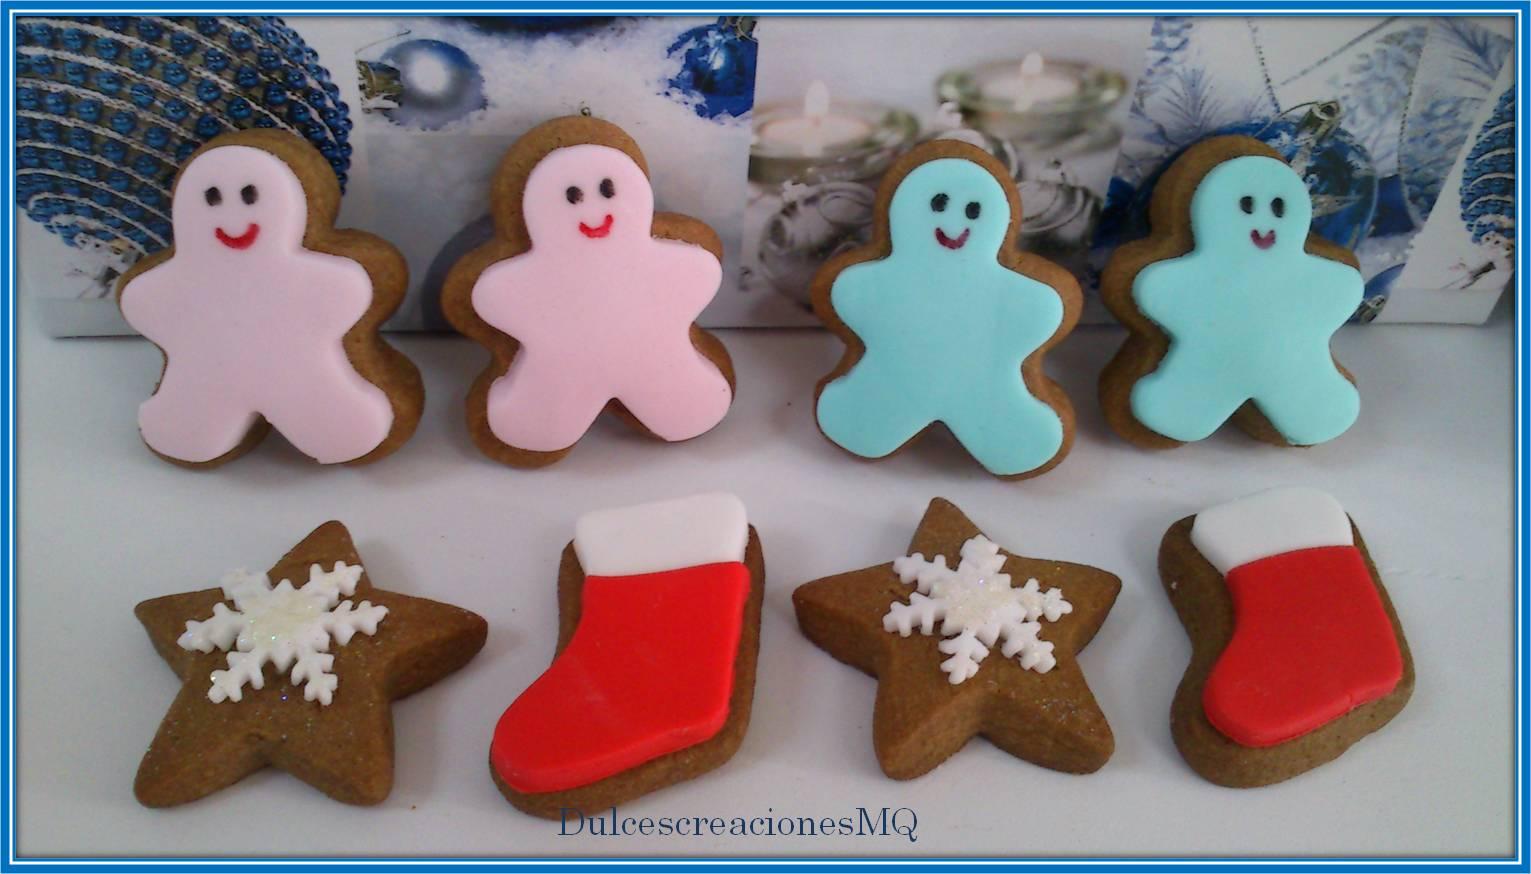 galletas de chocolate fondant dulces estrellas copos de navidad muñecos de galletas chocolate botas de galletas